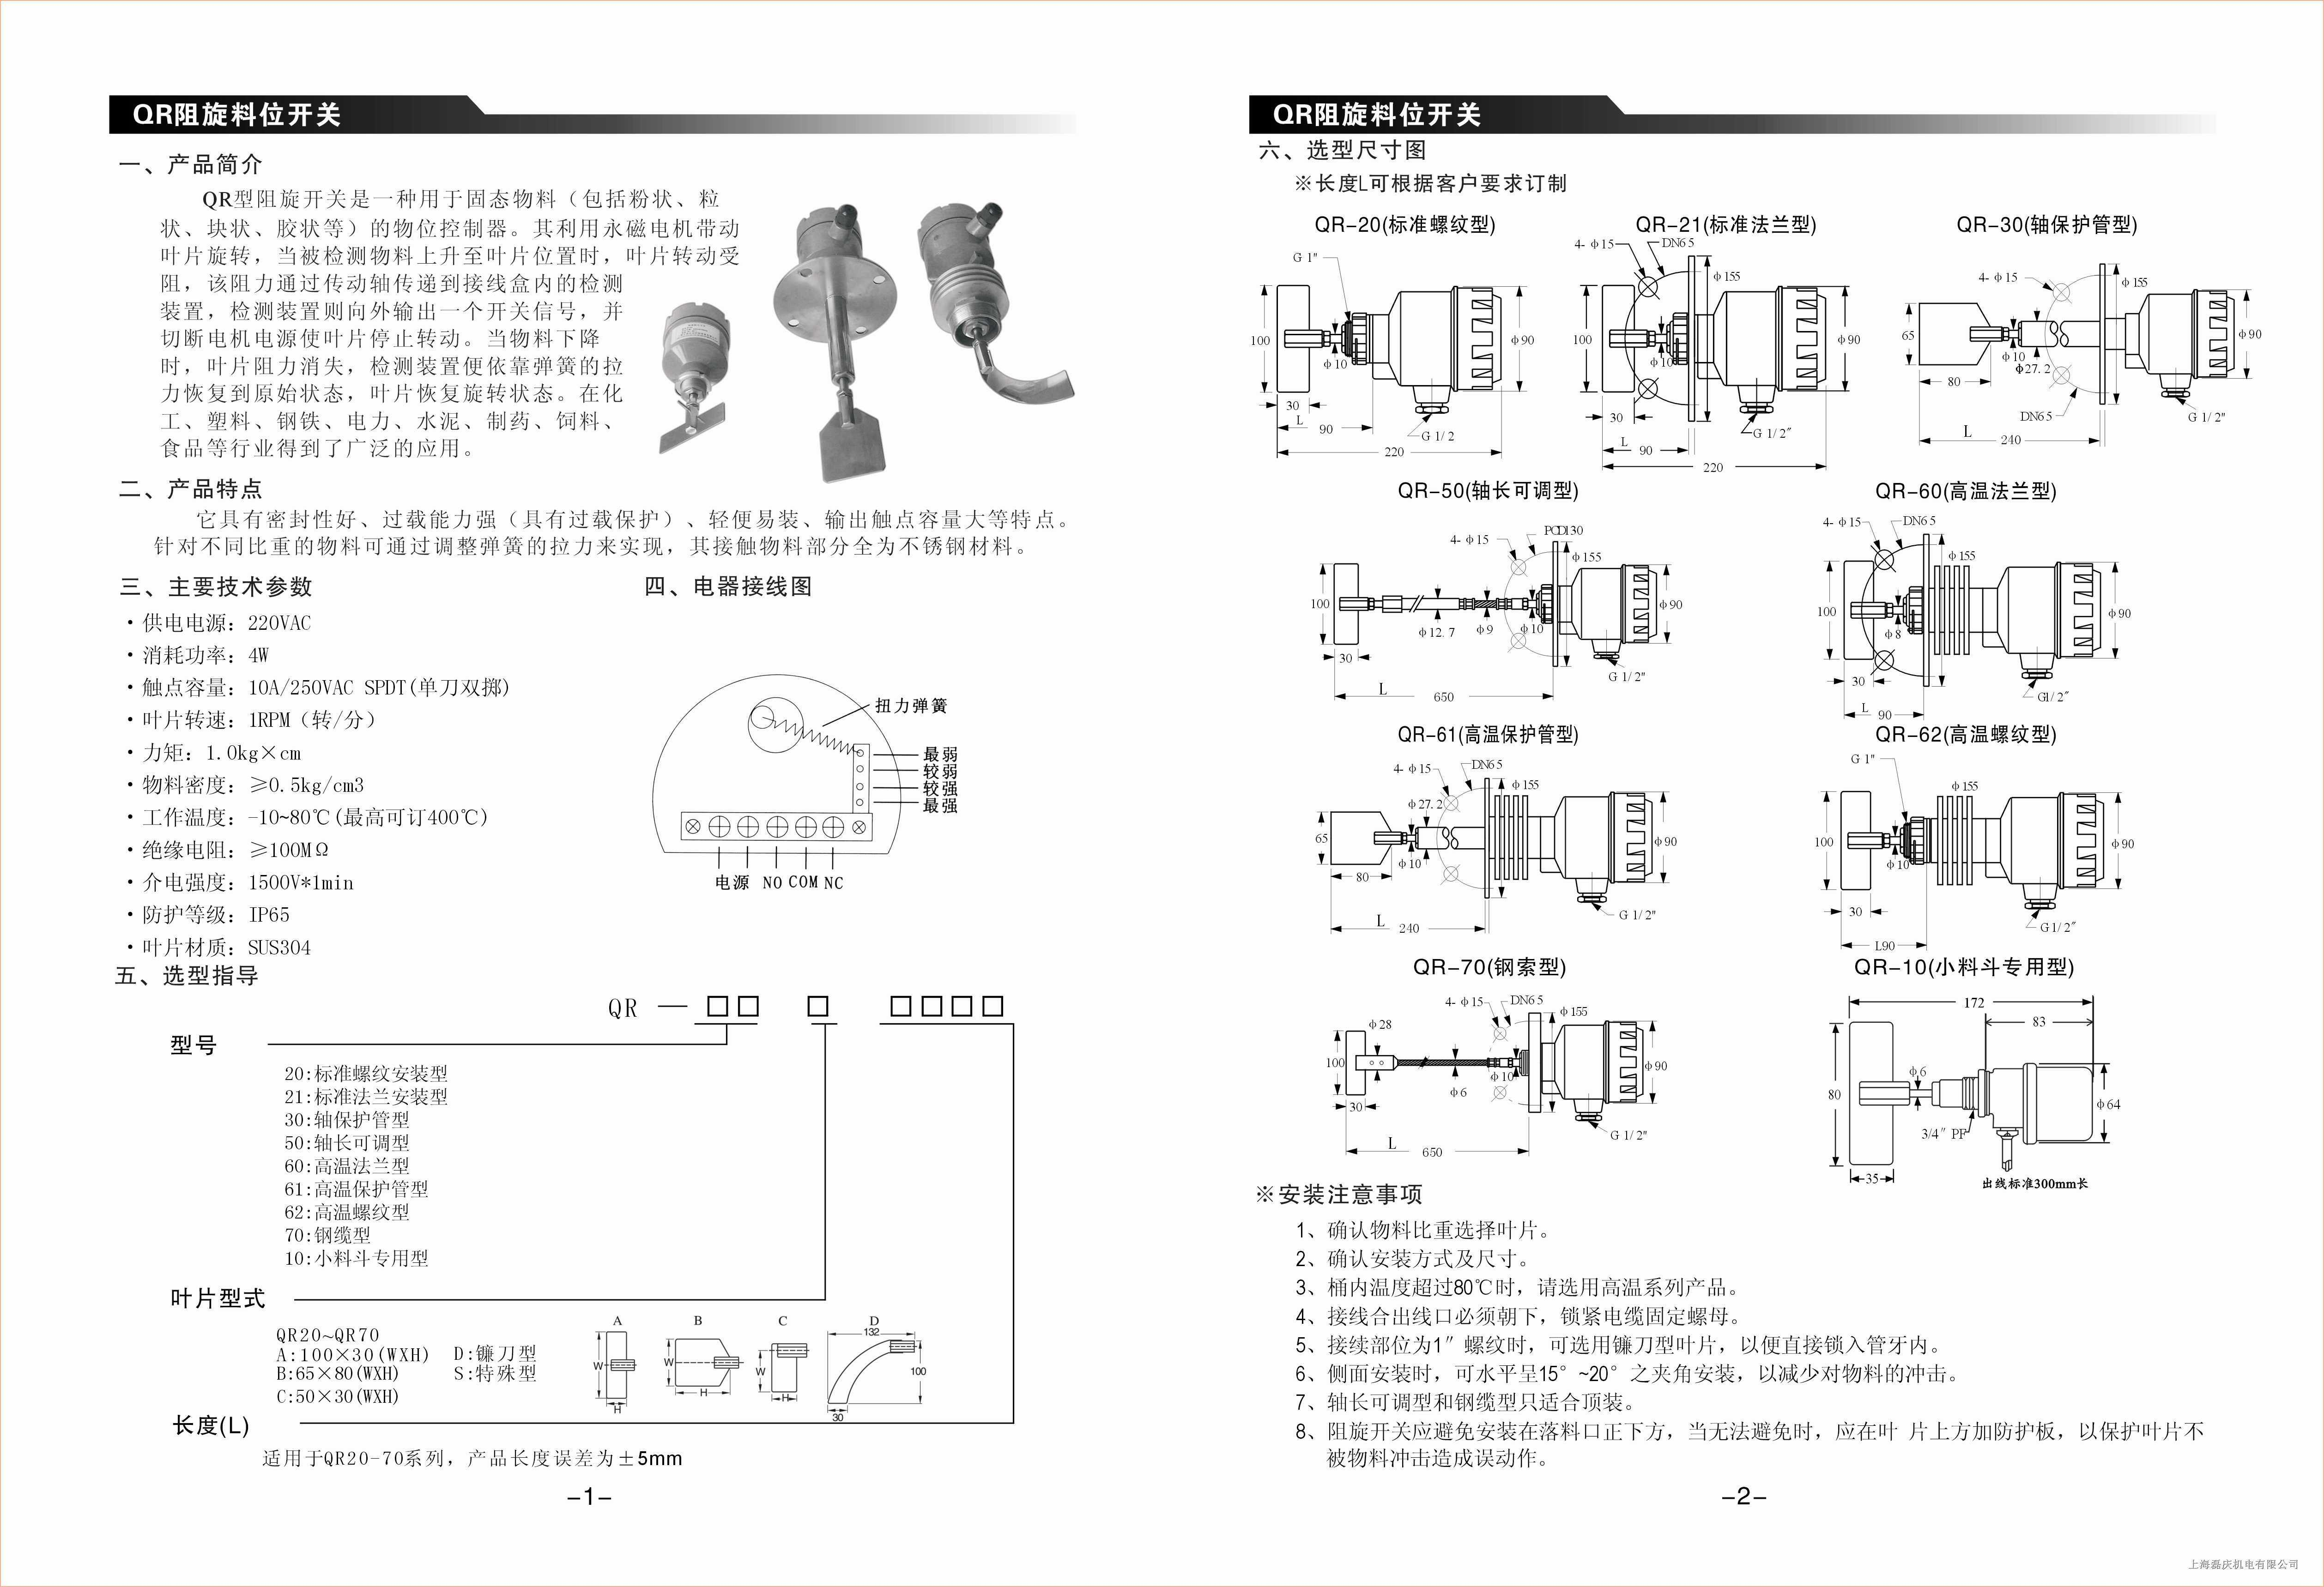 qr-阻旋料位开关-上海磊庆机电有限公司